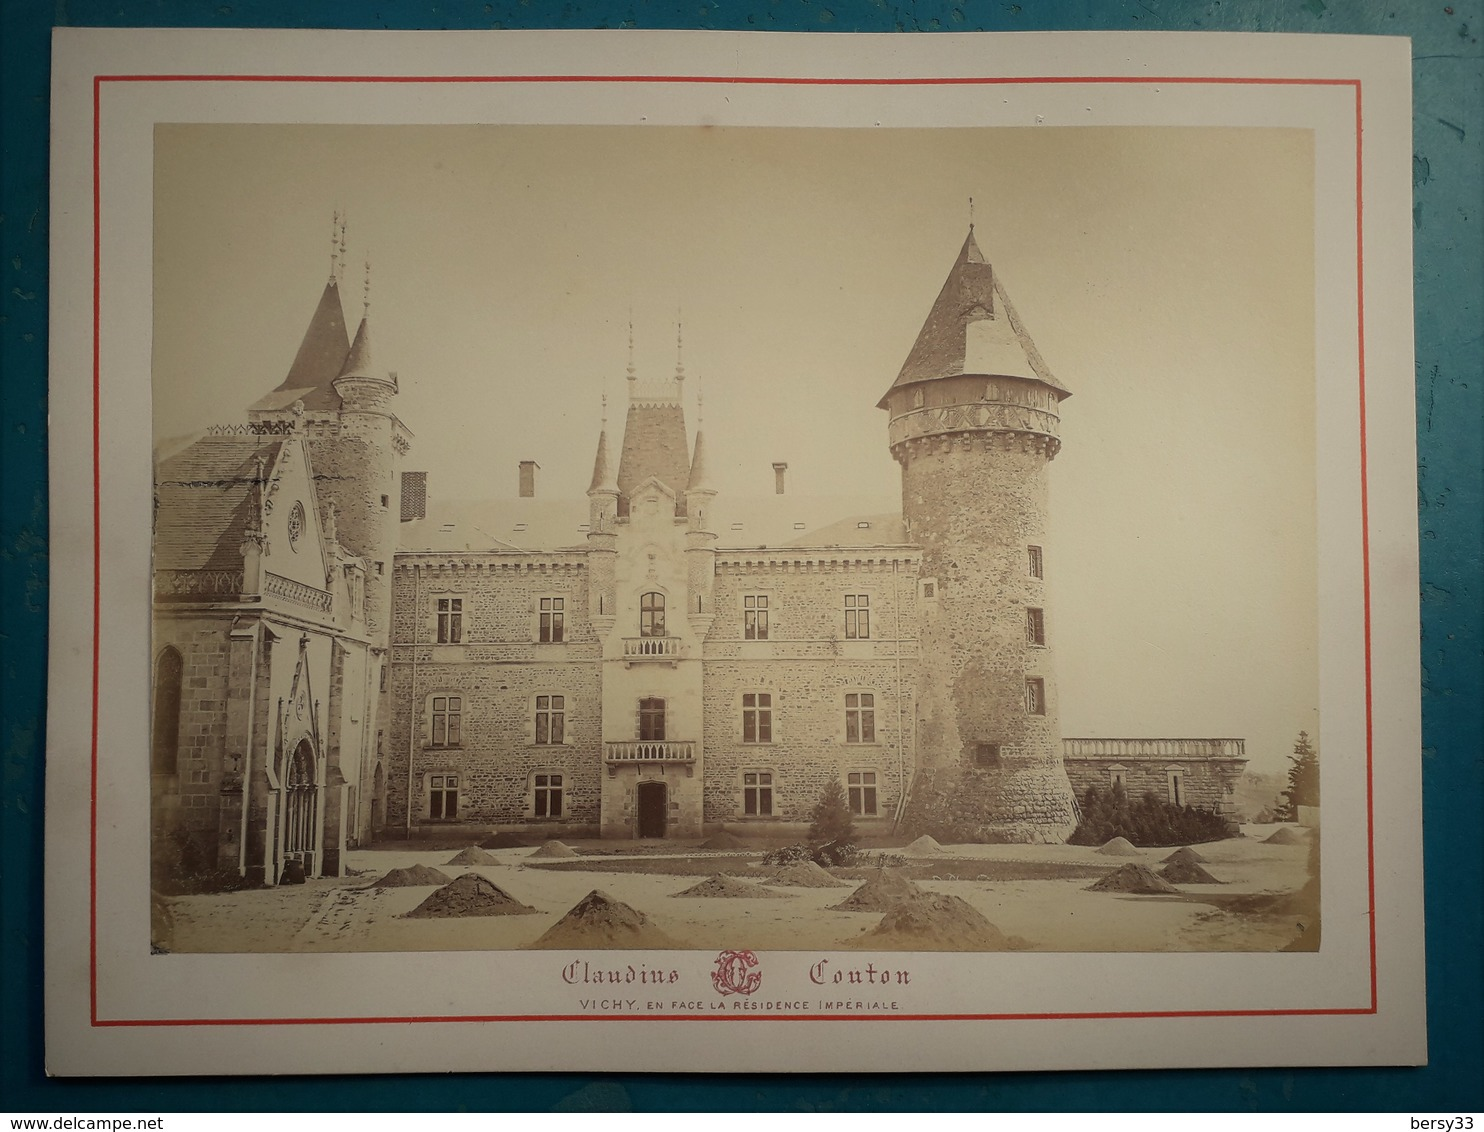 VICHY - CHATEAU DE BUSSET (Cour) - Photographie Ancienne Albuminée De Claudius Couton - Photos